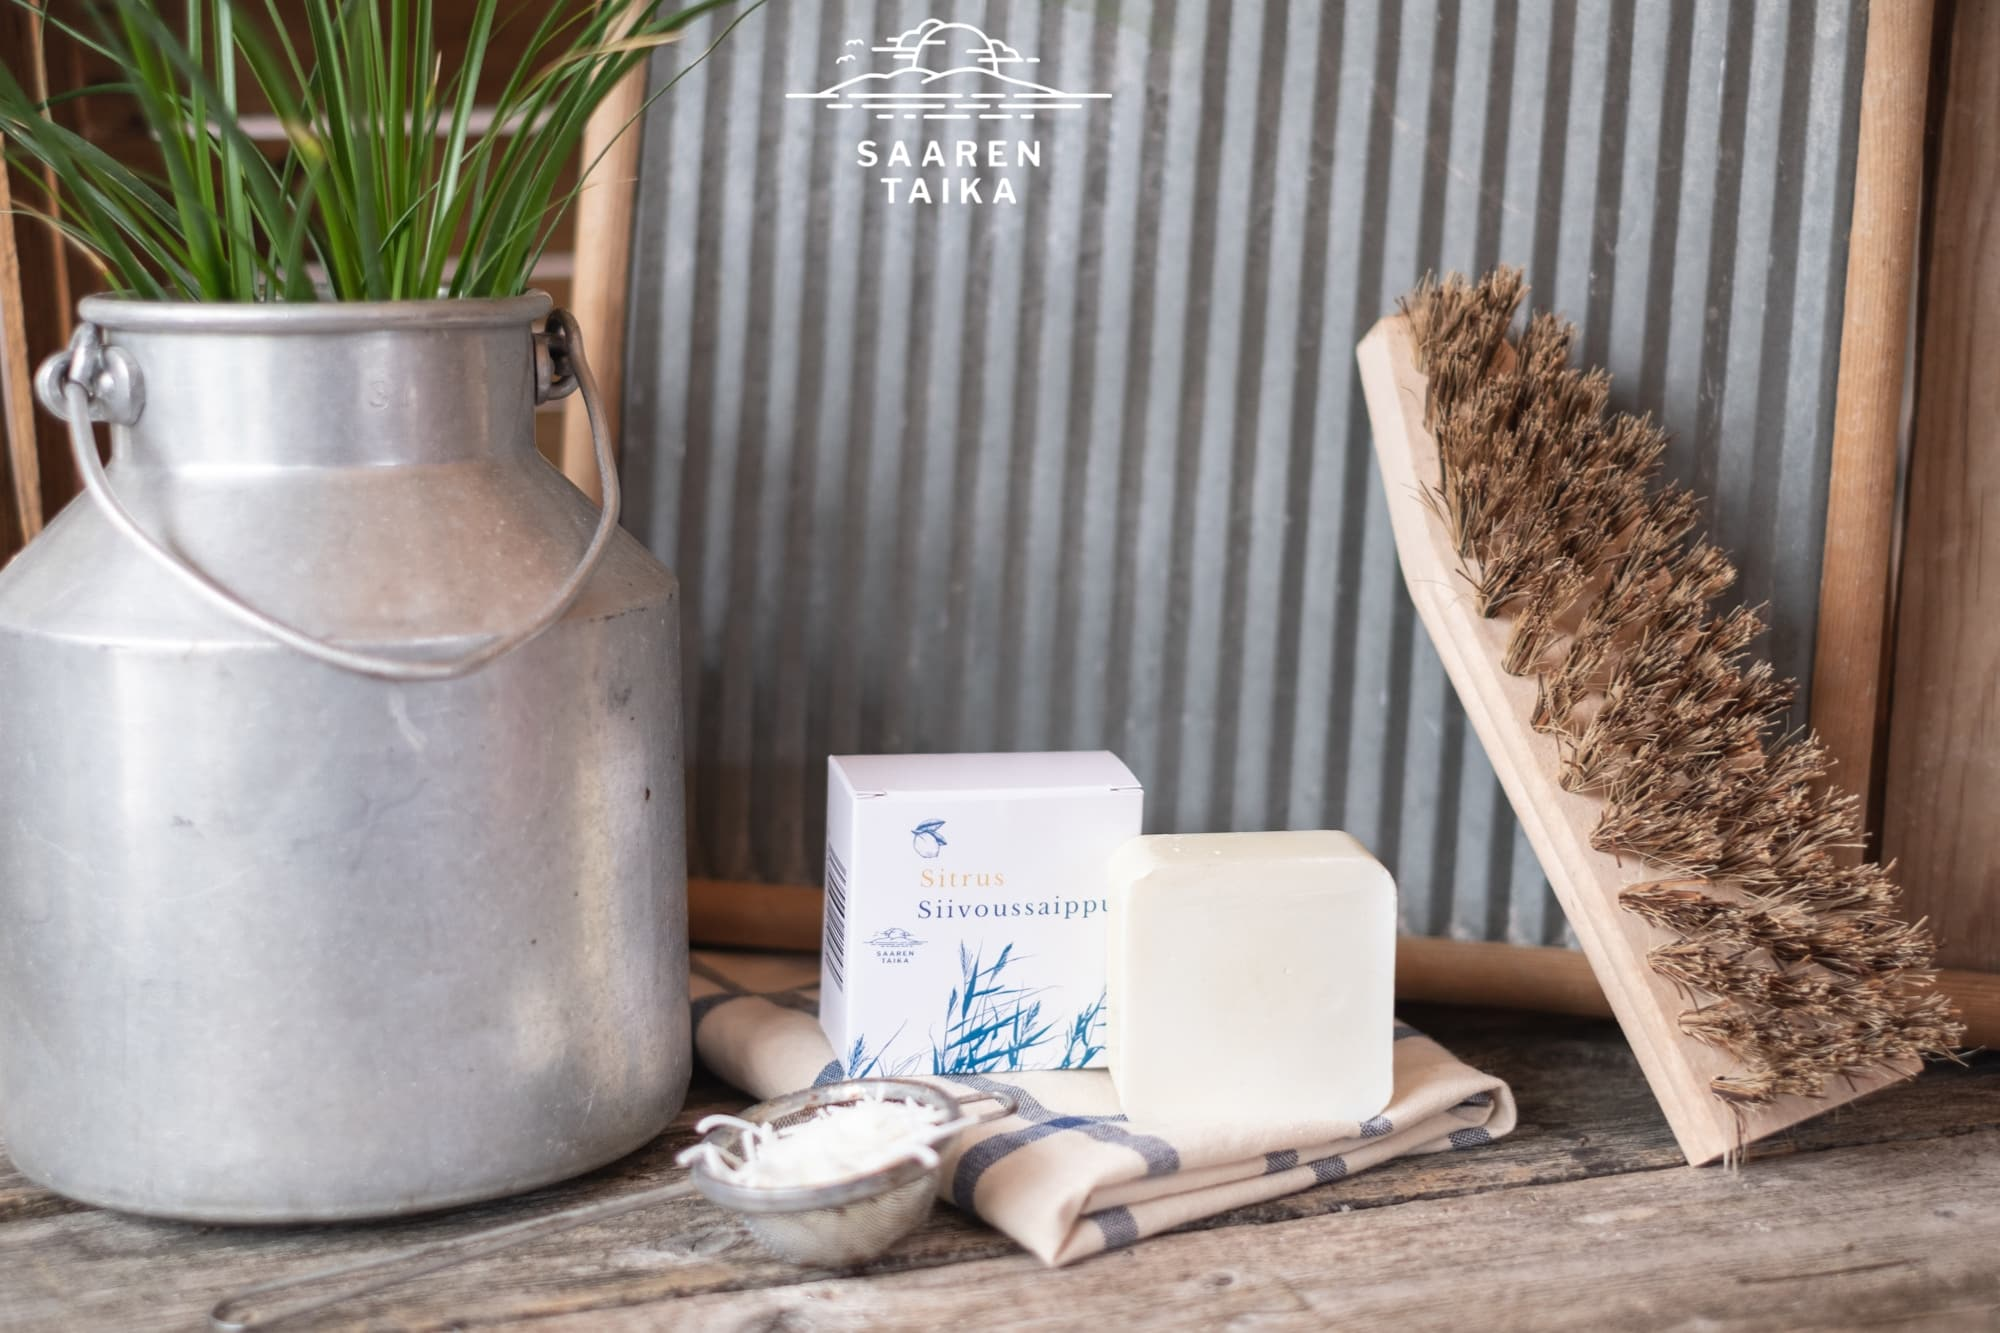 Muuttosiivousta pesuaineena vain yksi tuote, tiedätkö mikä se on? Saaren Taika Siivoussaippua!